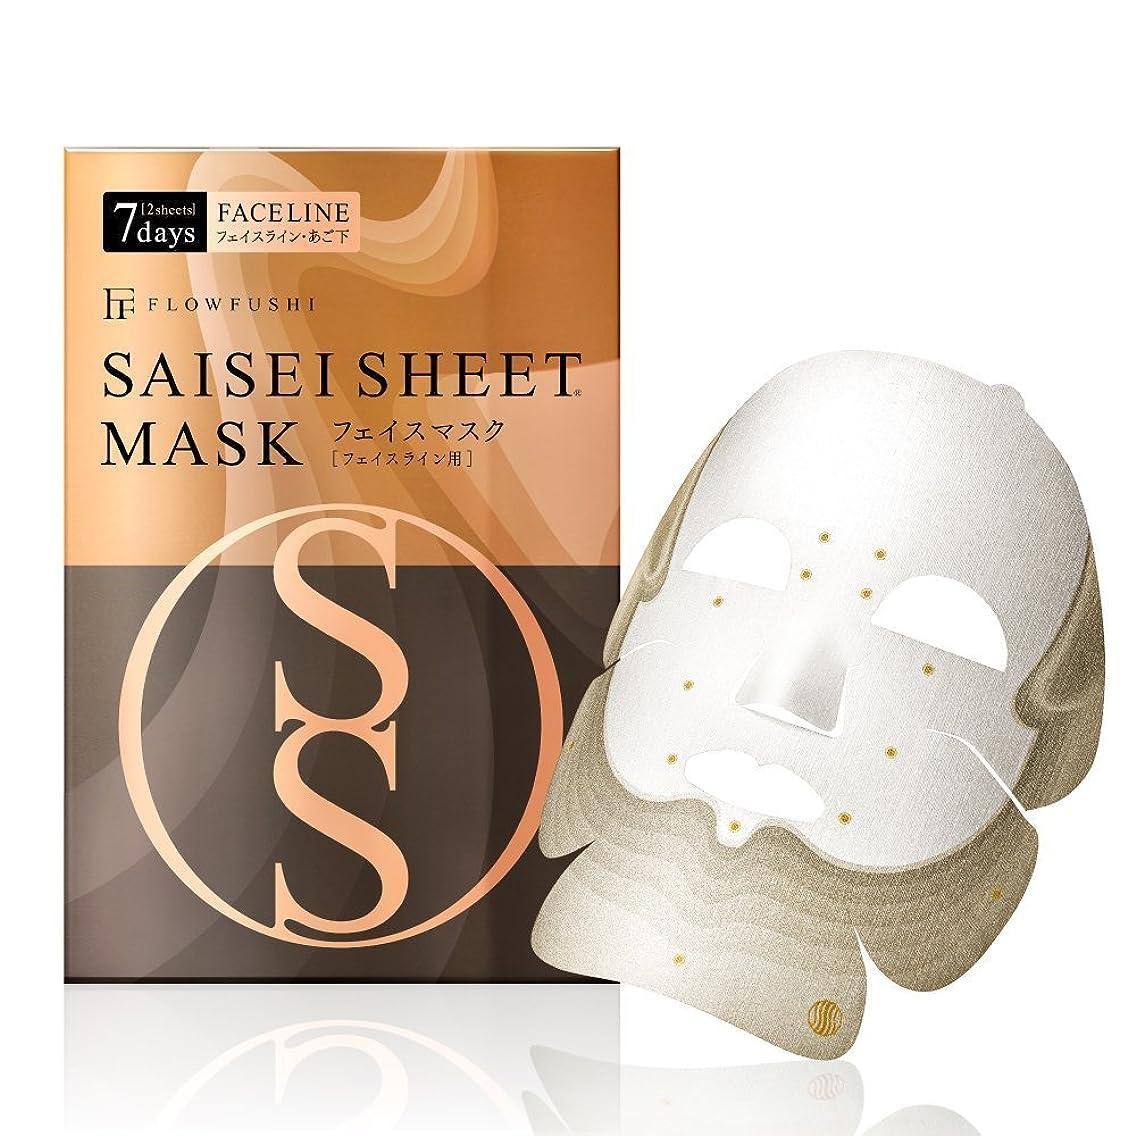 バッジクアッガ質素なSAISEIシート マスク [フェイスライン用] 7days 2sheets